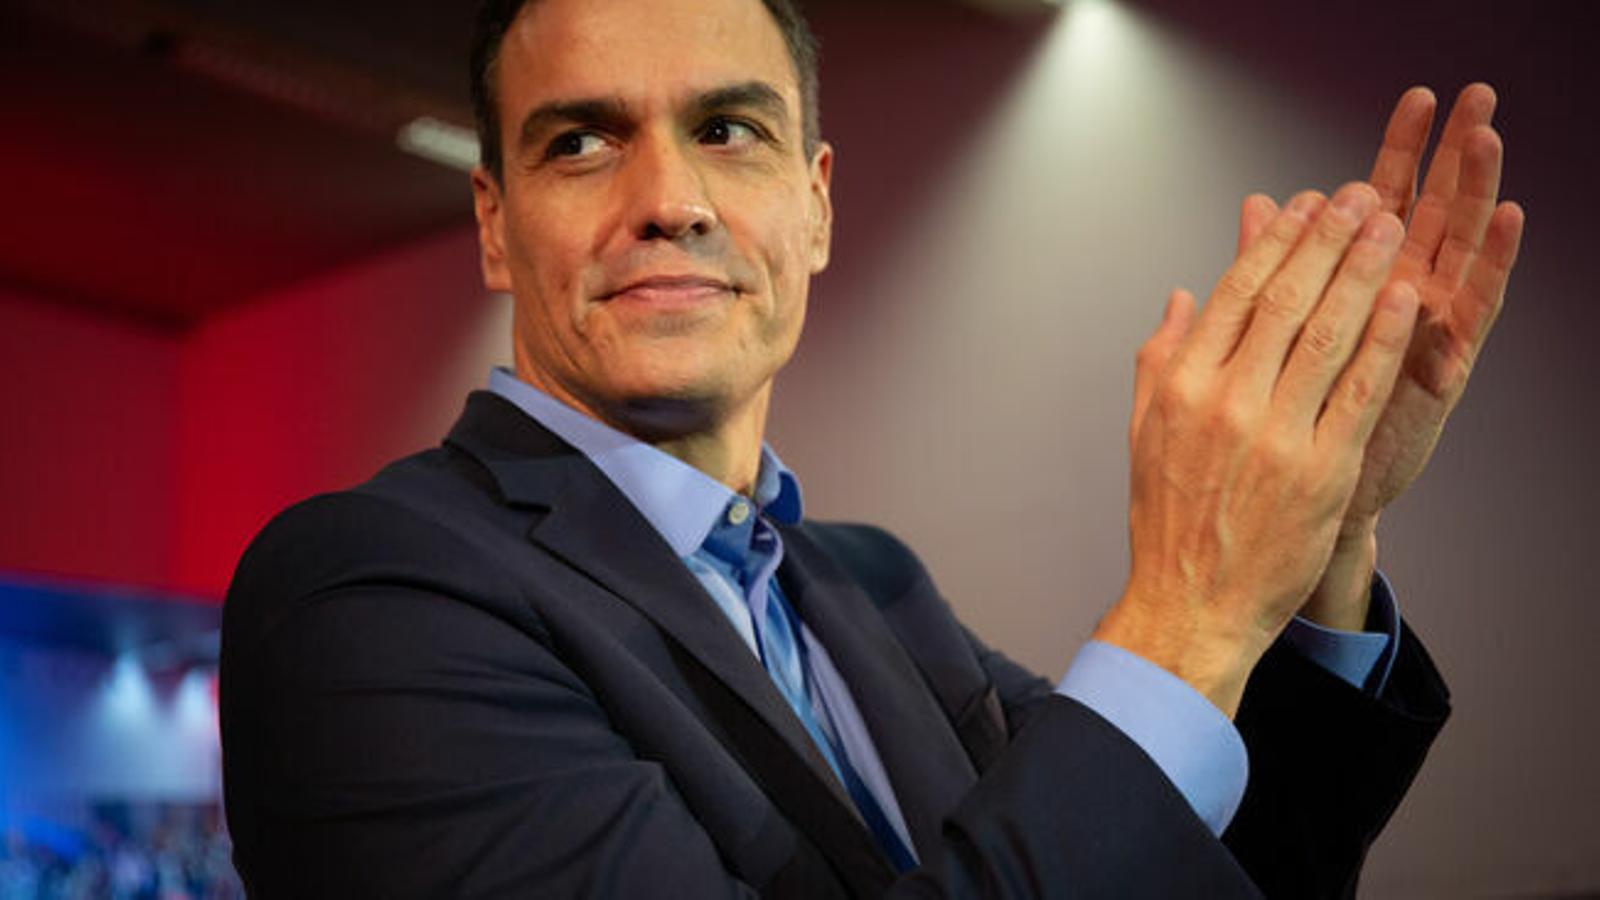 """Sánchez ignora la separació de poders en el seu intent d'extradir Puigdemont: """"La Fiscalia depèn del govern"""""""